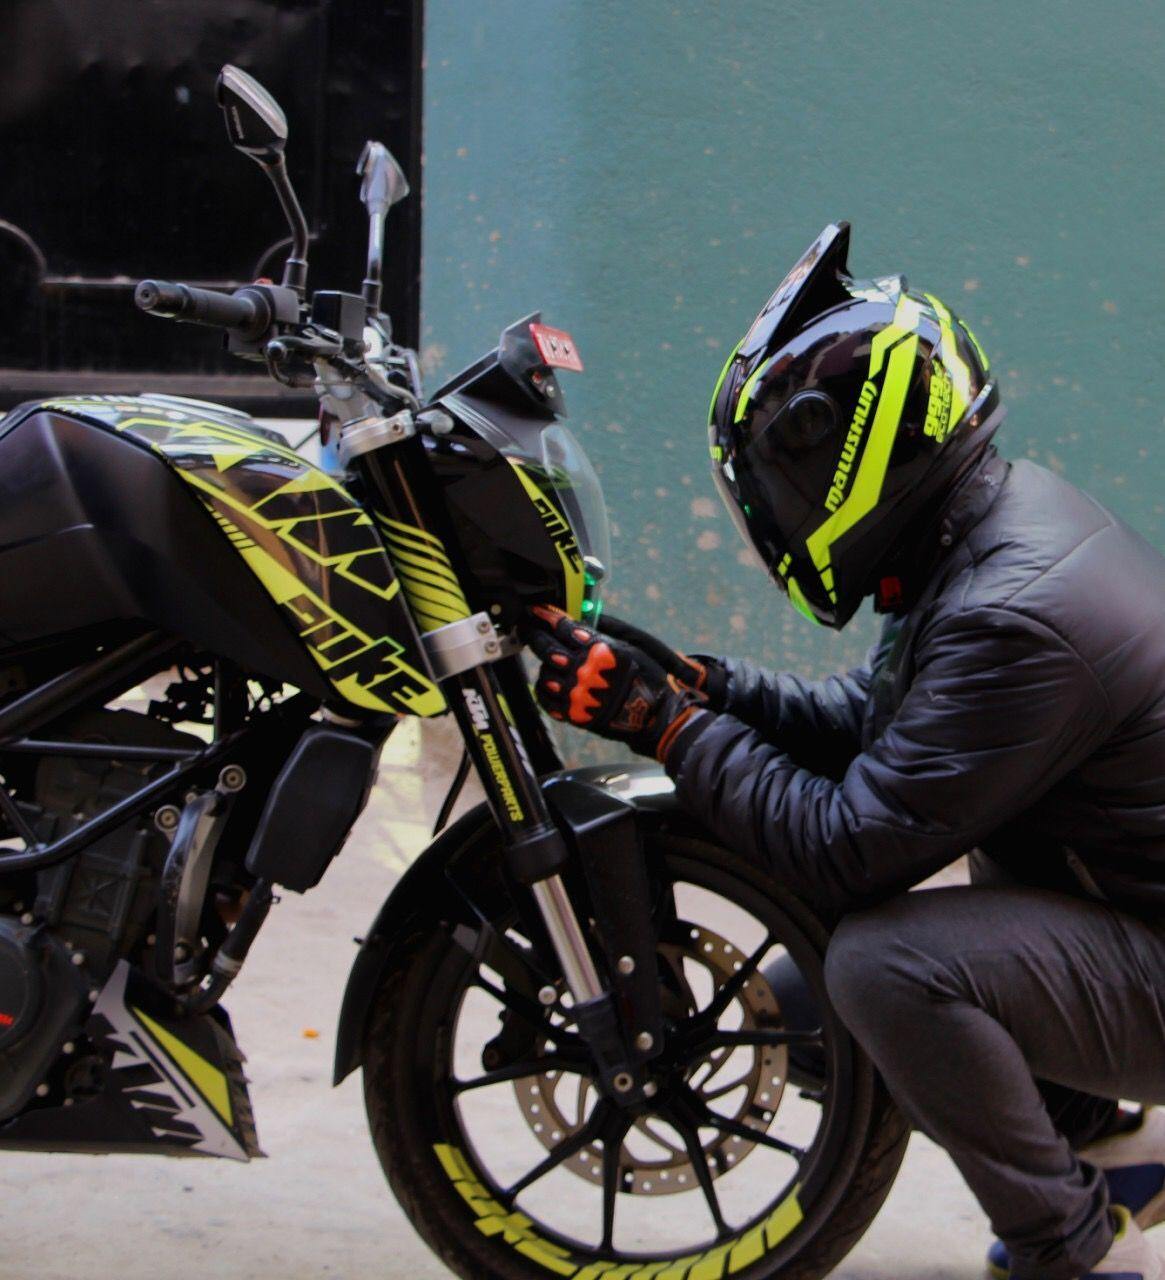 Pin By Anubhav On Ktm Duke 200 Ktm Duke Duke Bike Bike Photoshoot